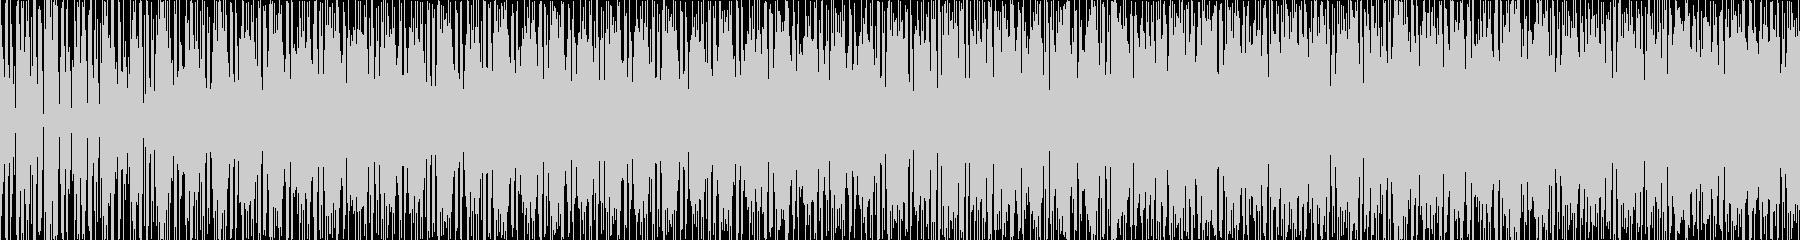 奇妙な感じのループ曲ですの未再生の波形